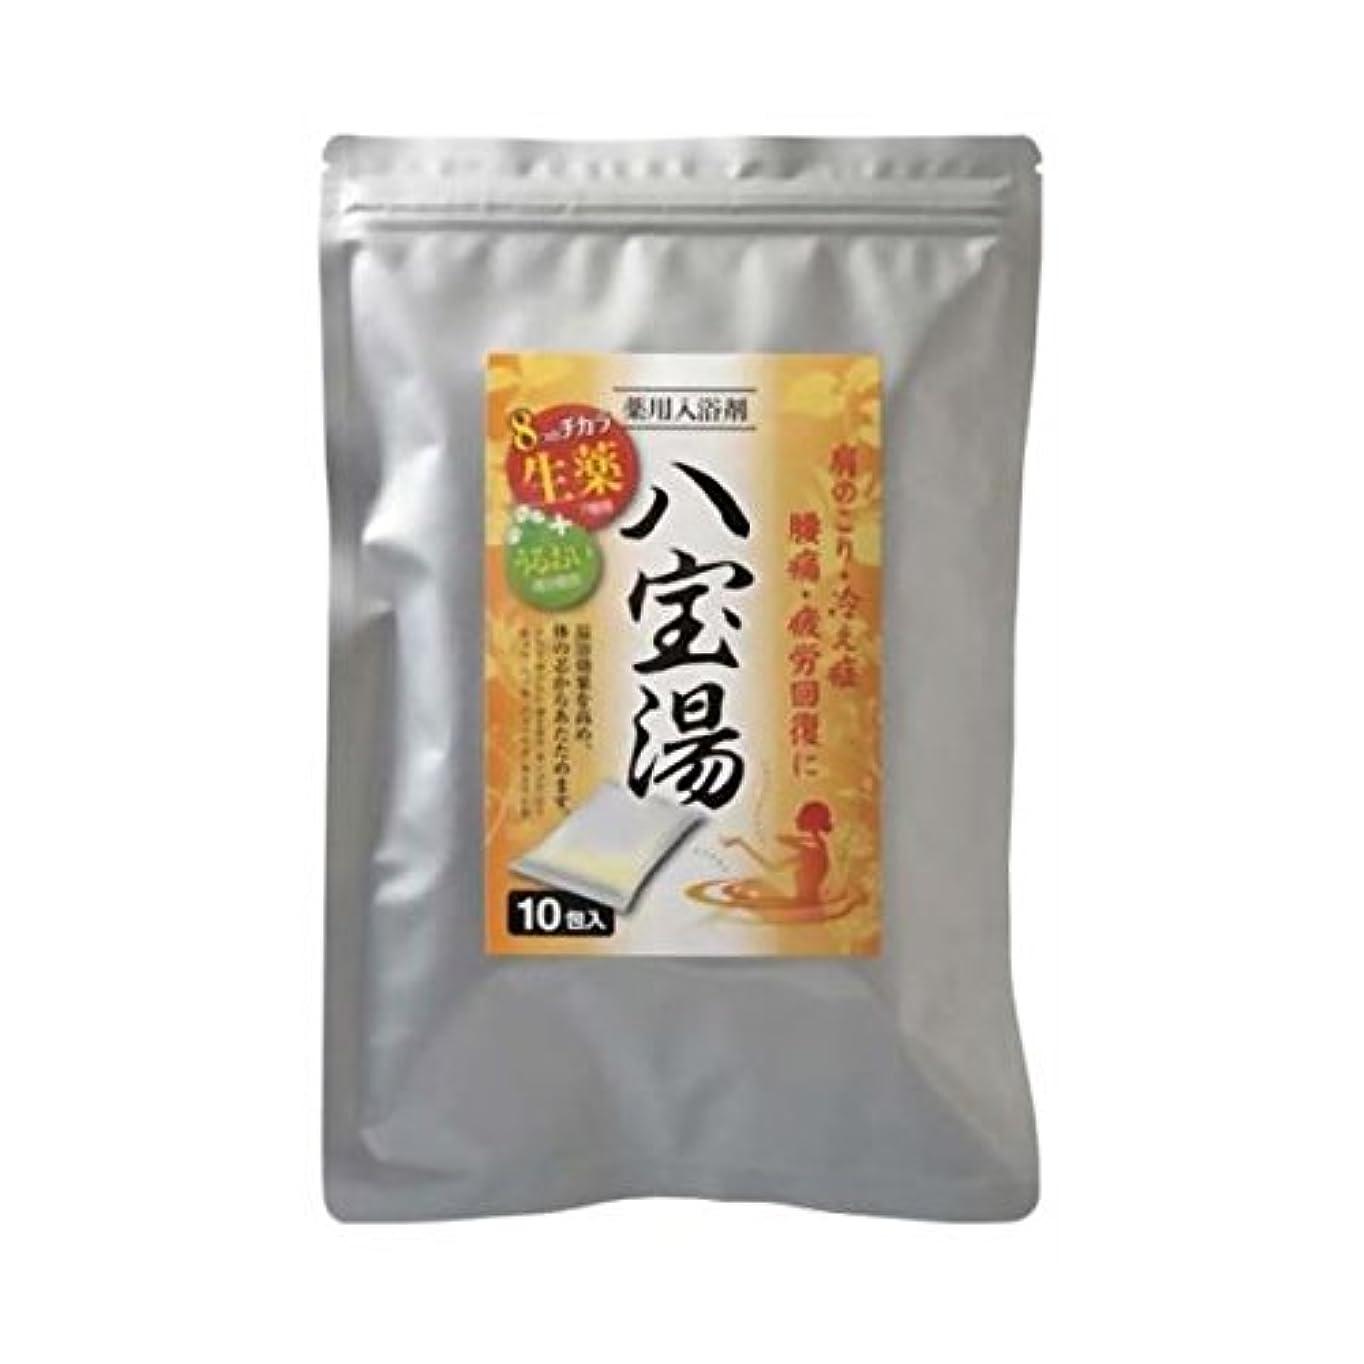 懲らしめ迷路説得【お徳用 3 セット】 薬用入浴剤 八宝湯 カモミールの香り 10包×3セット